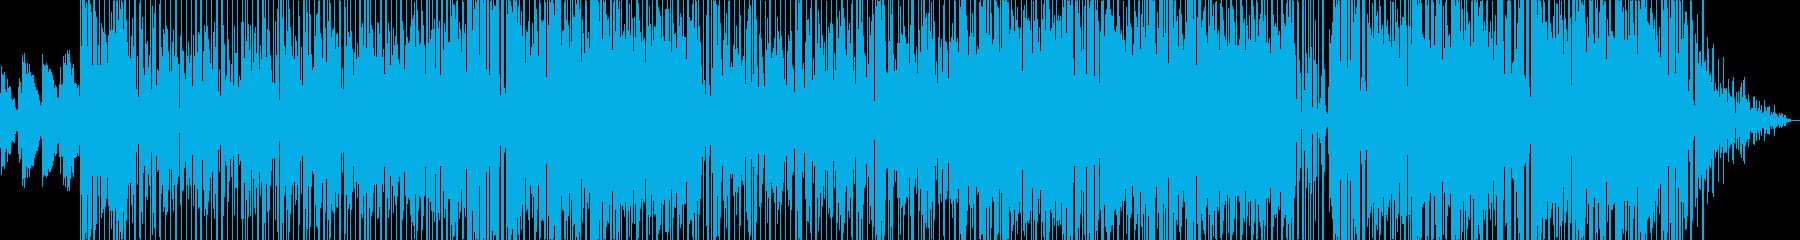 おしゃれでジャジーなJpopバラードの再生済みの波形